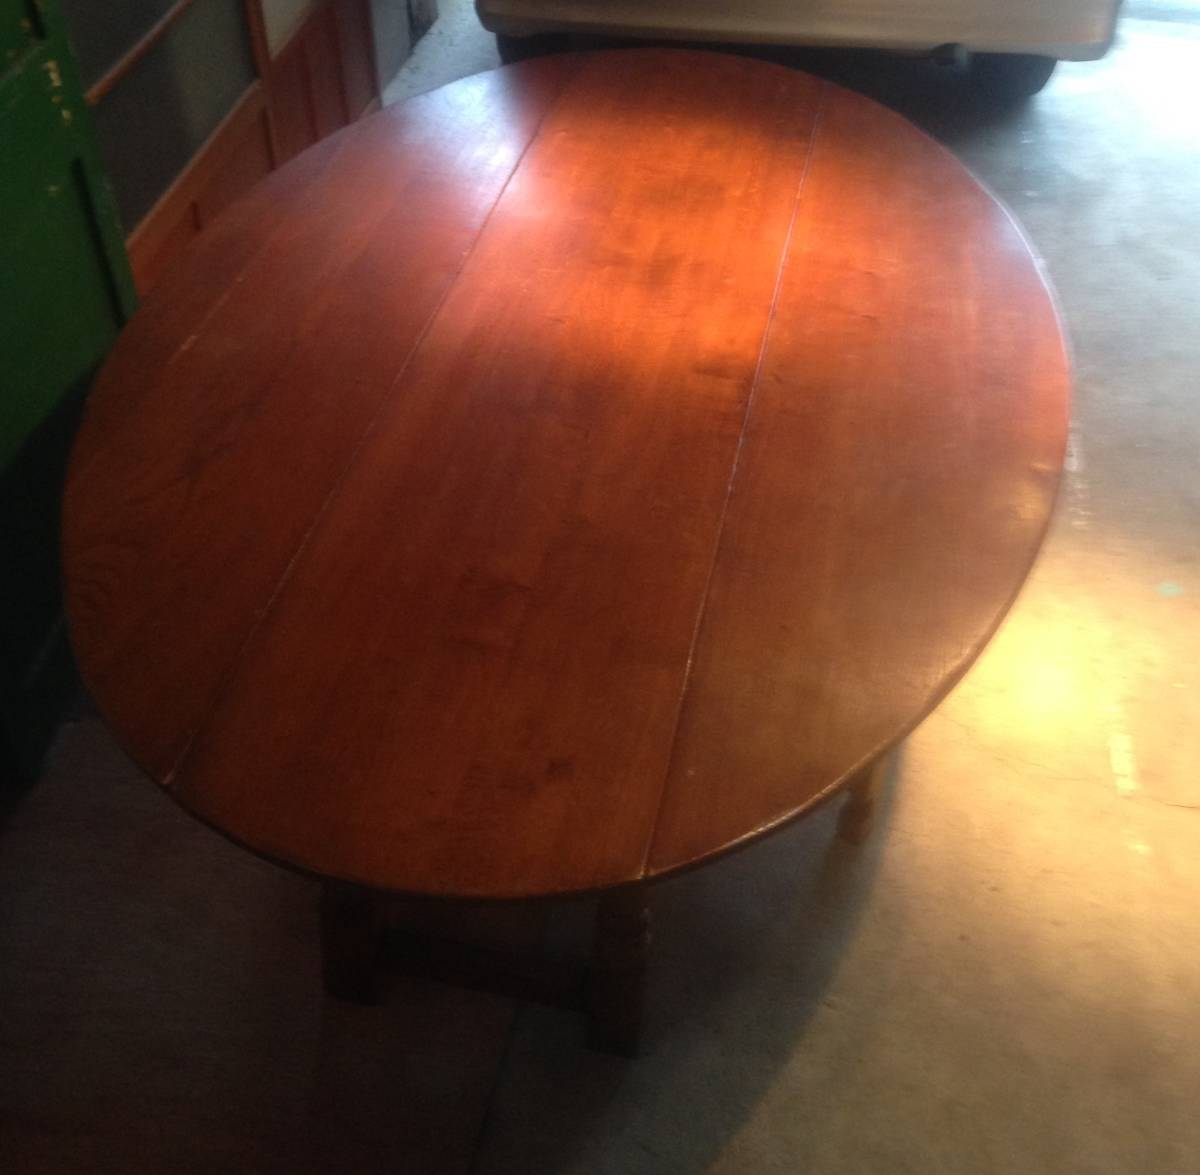 アンティーク調バタフライダイニングテーブルイギリス定番のゲートレッグテーブル食卓オーク無垢材クラシック引き取り歓迎直接渡し歓迎_画像6